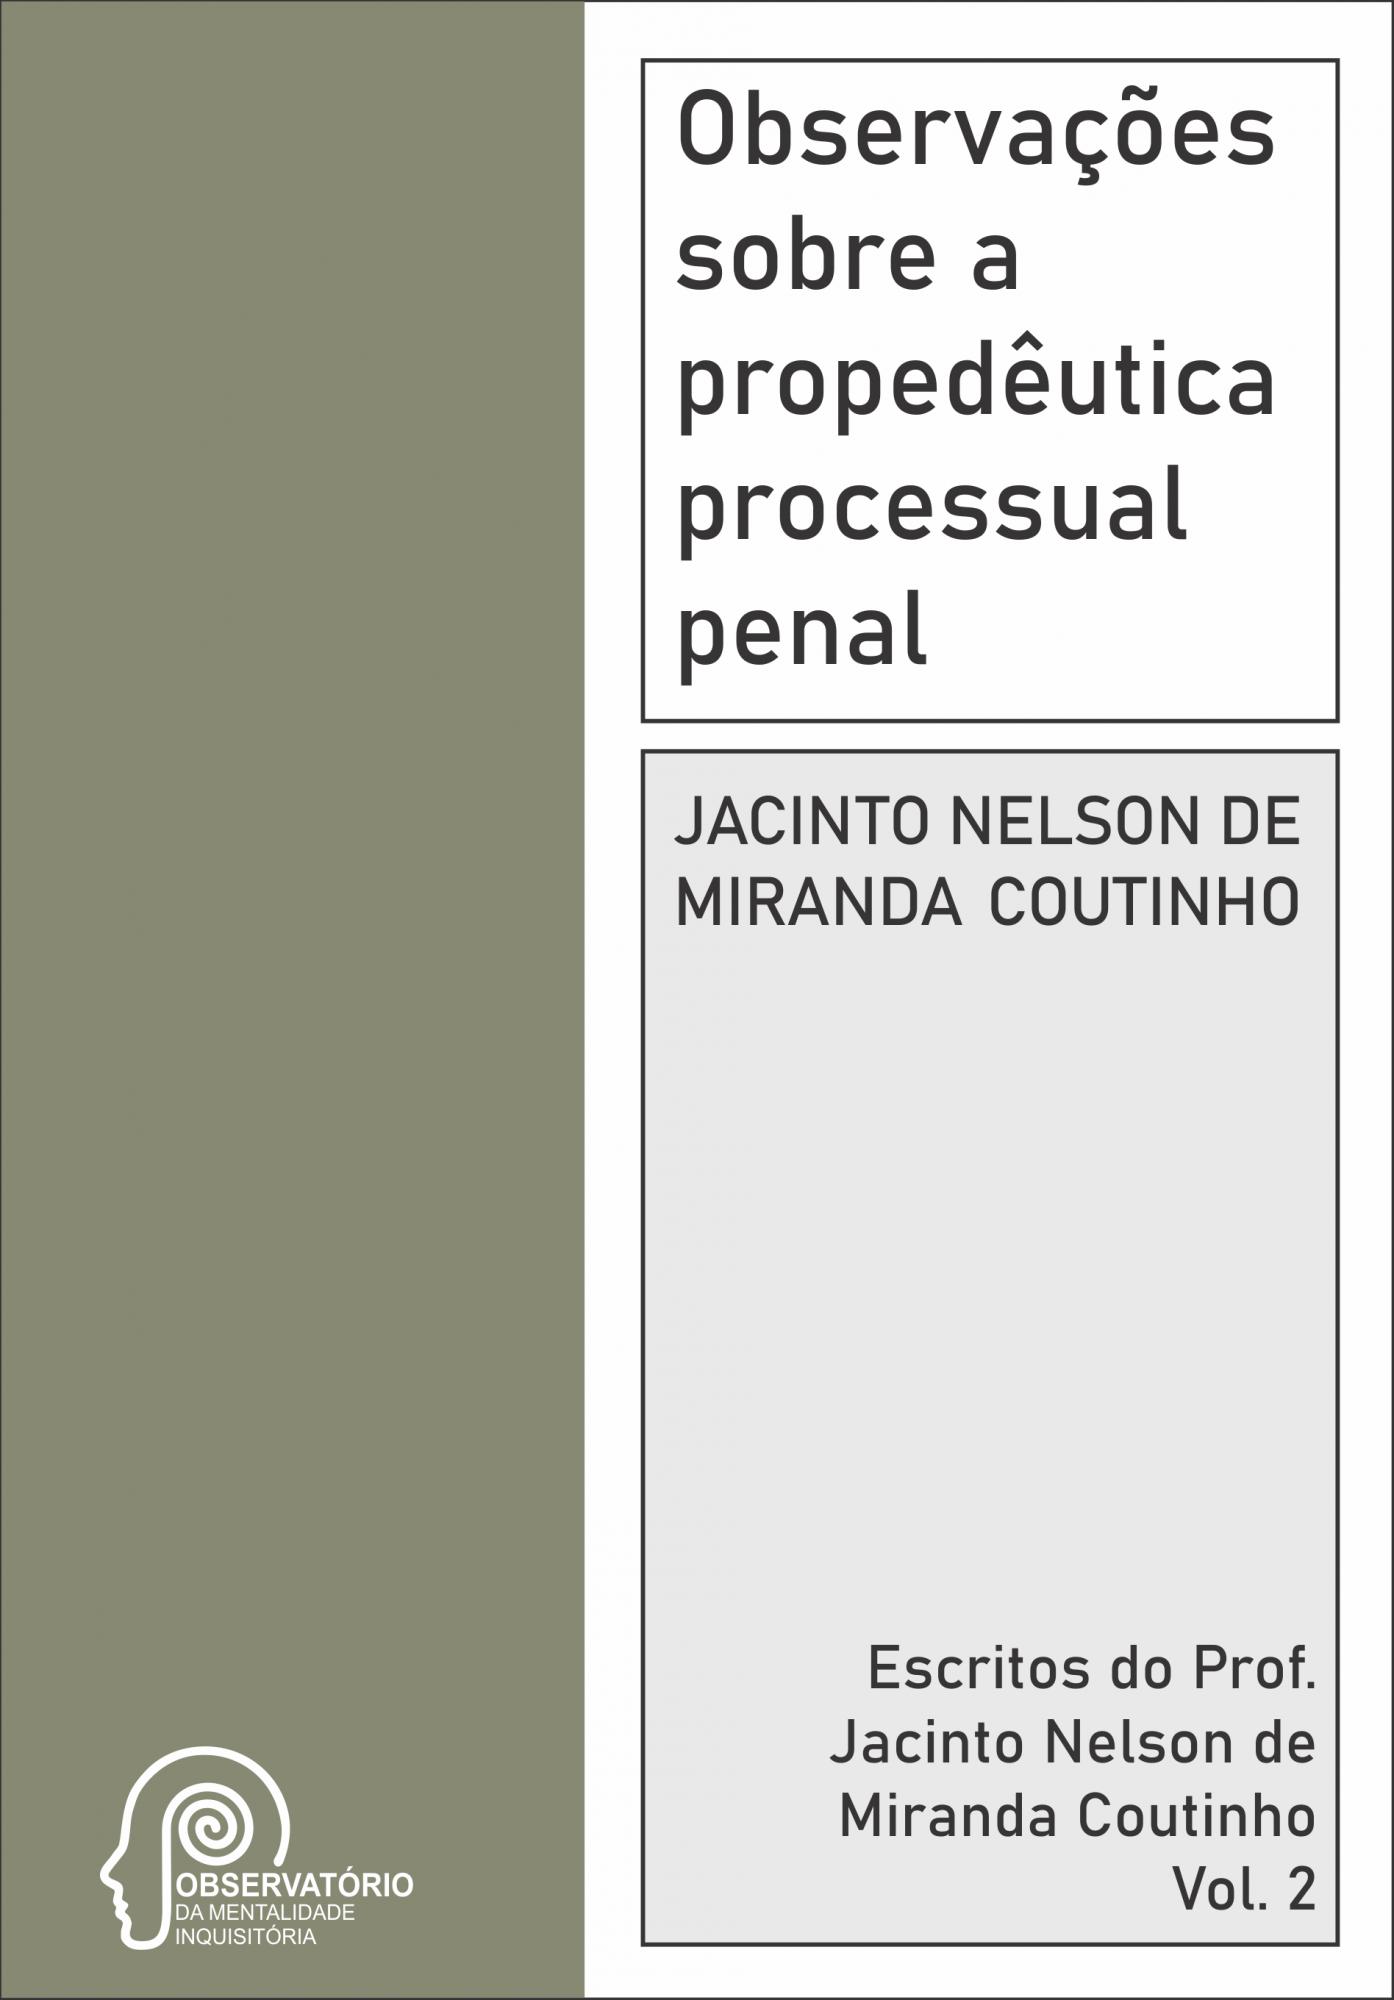 Observações sobre a propedêutica processual penal (Jacinto Nelson de Miranda Coutinho) [Vol. 2]